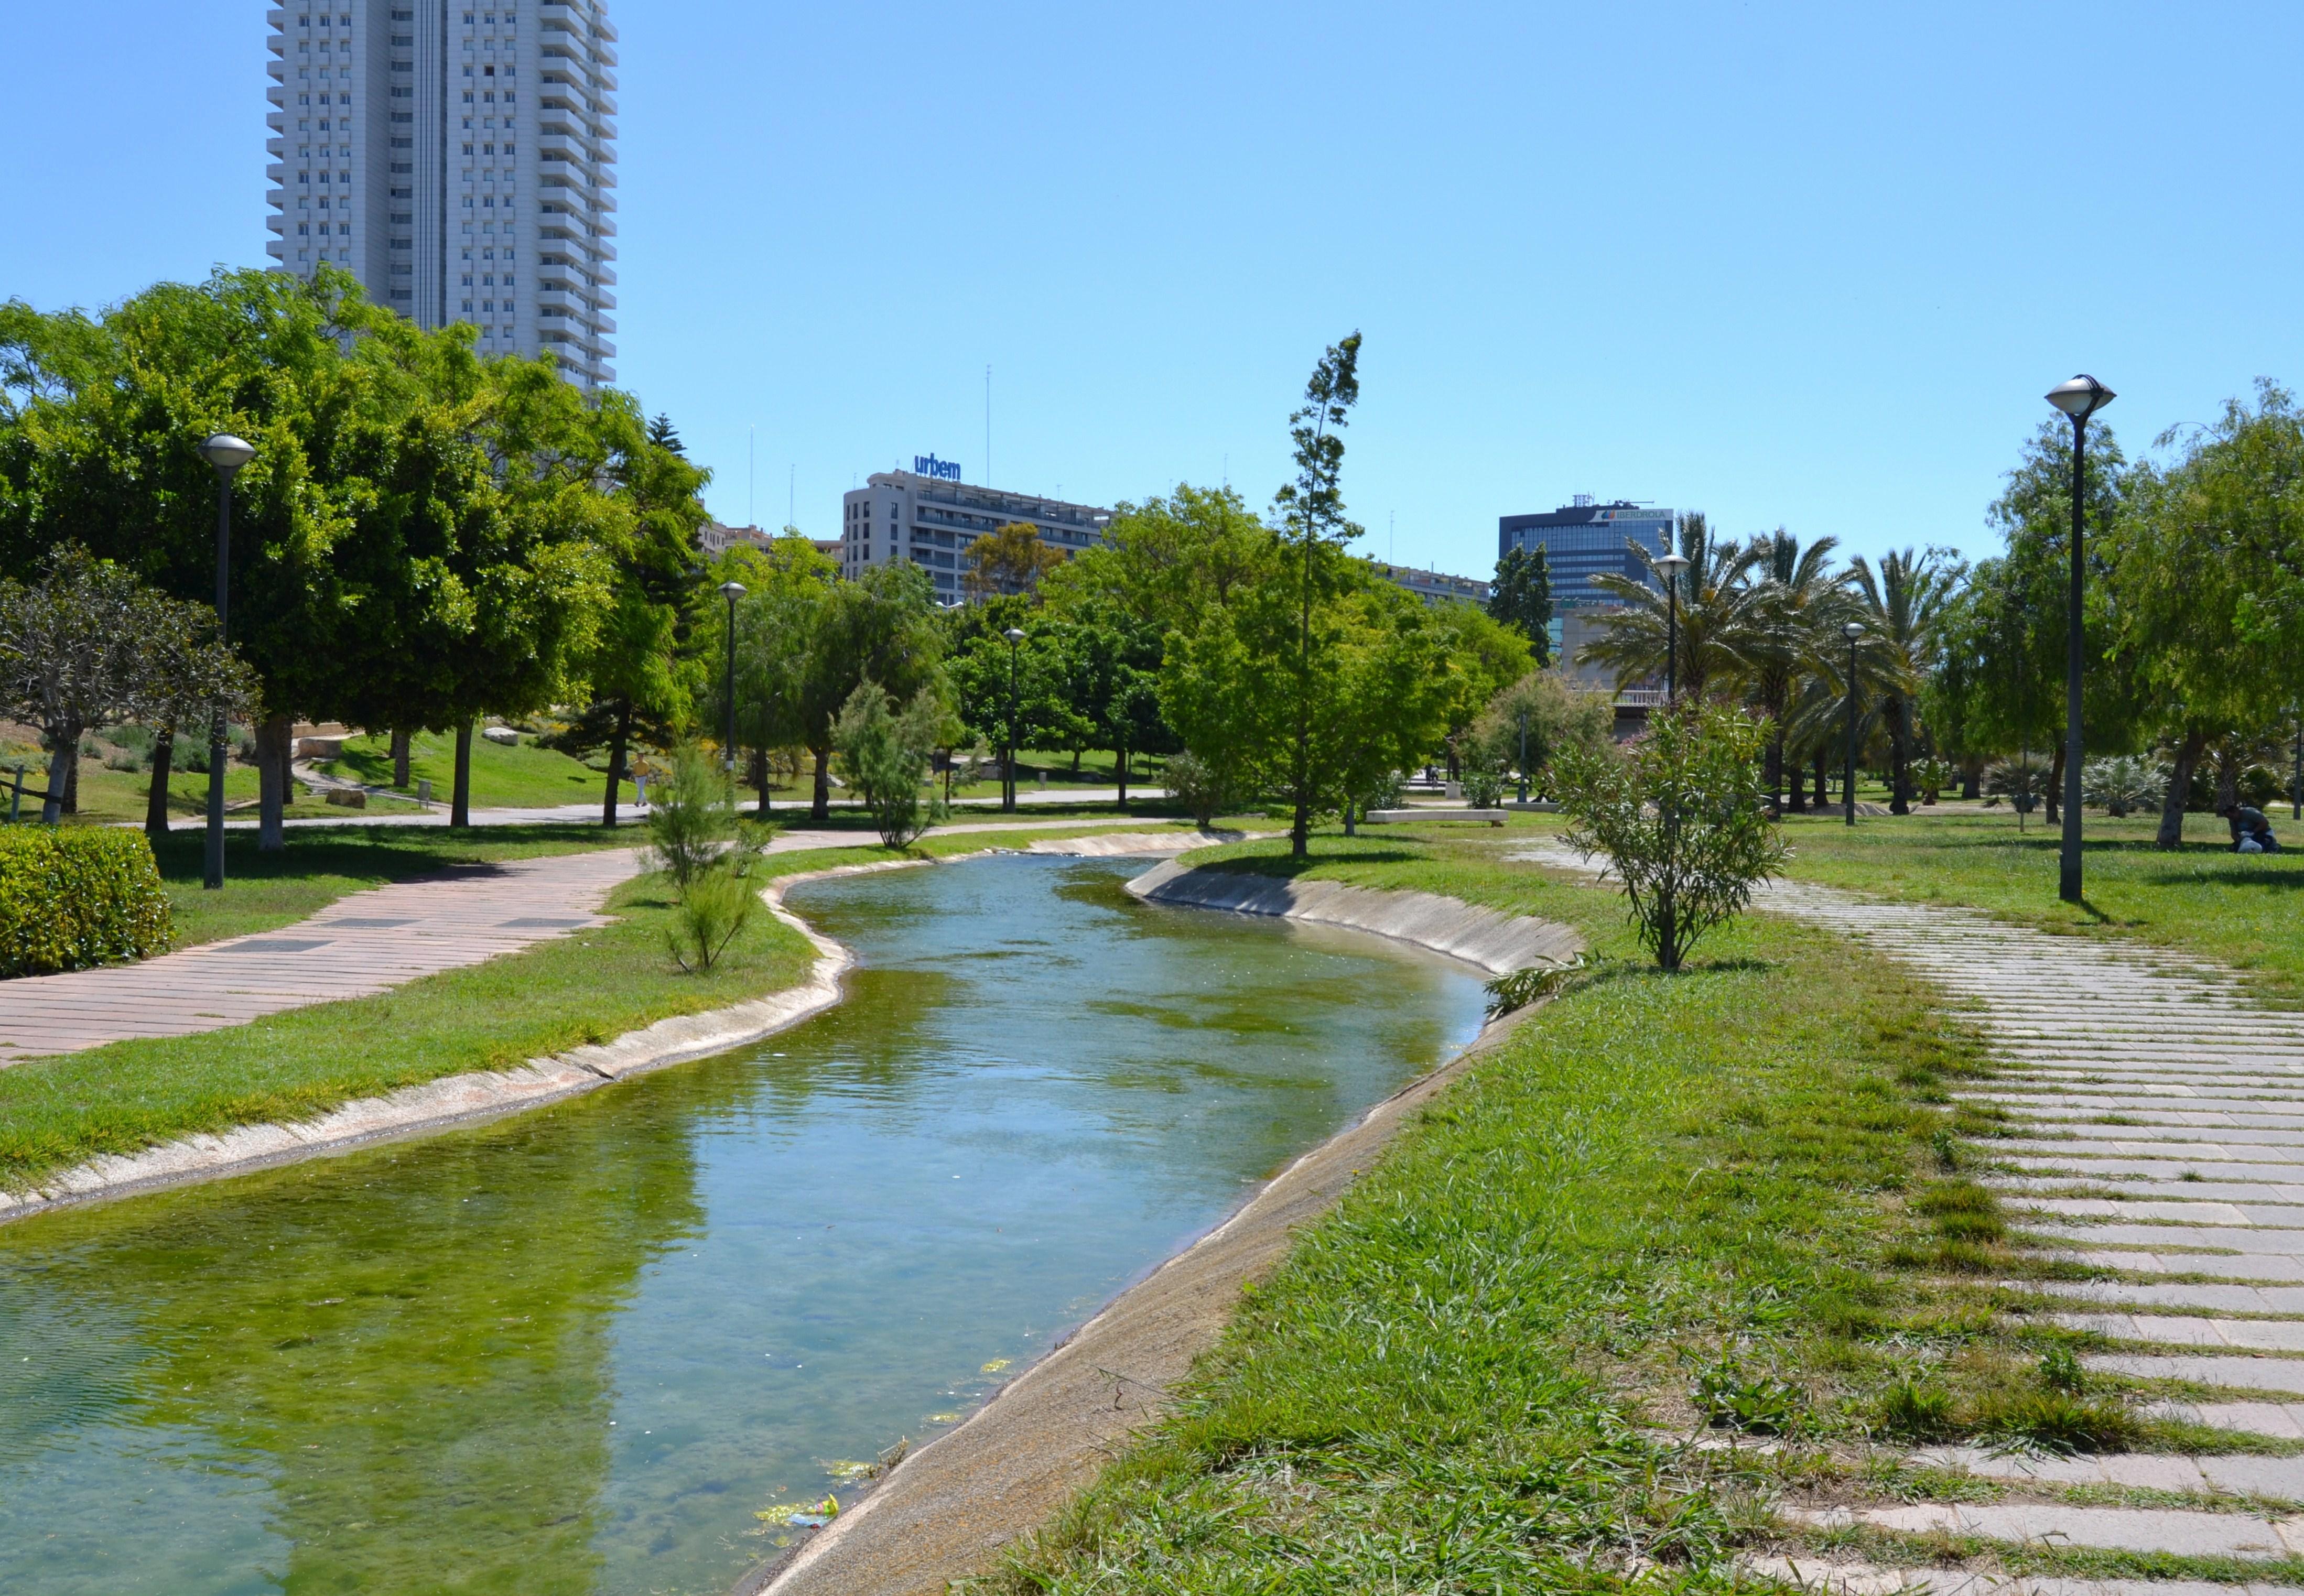 File jard del t ria de val ncia riuet jpg wikimedia commons - Jardin del turia valencia ...